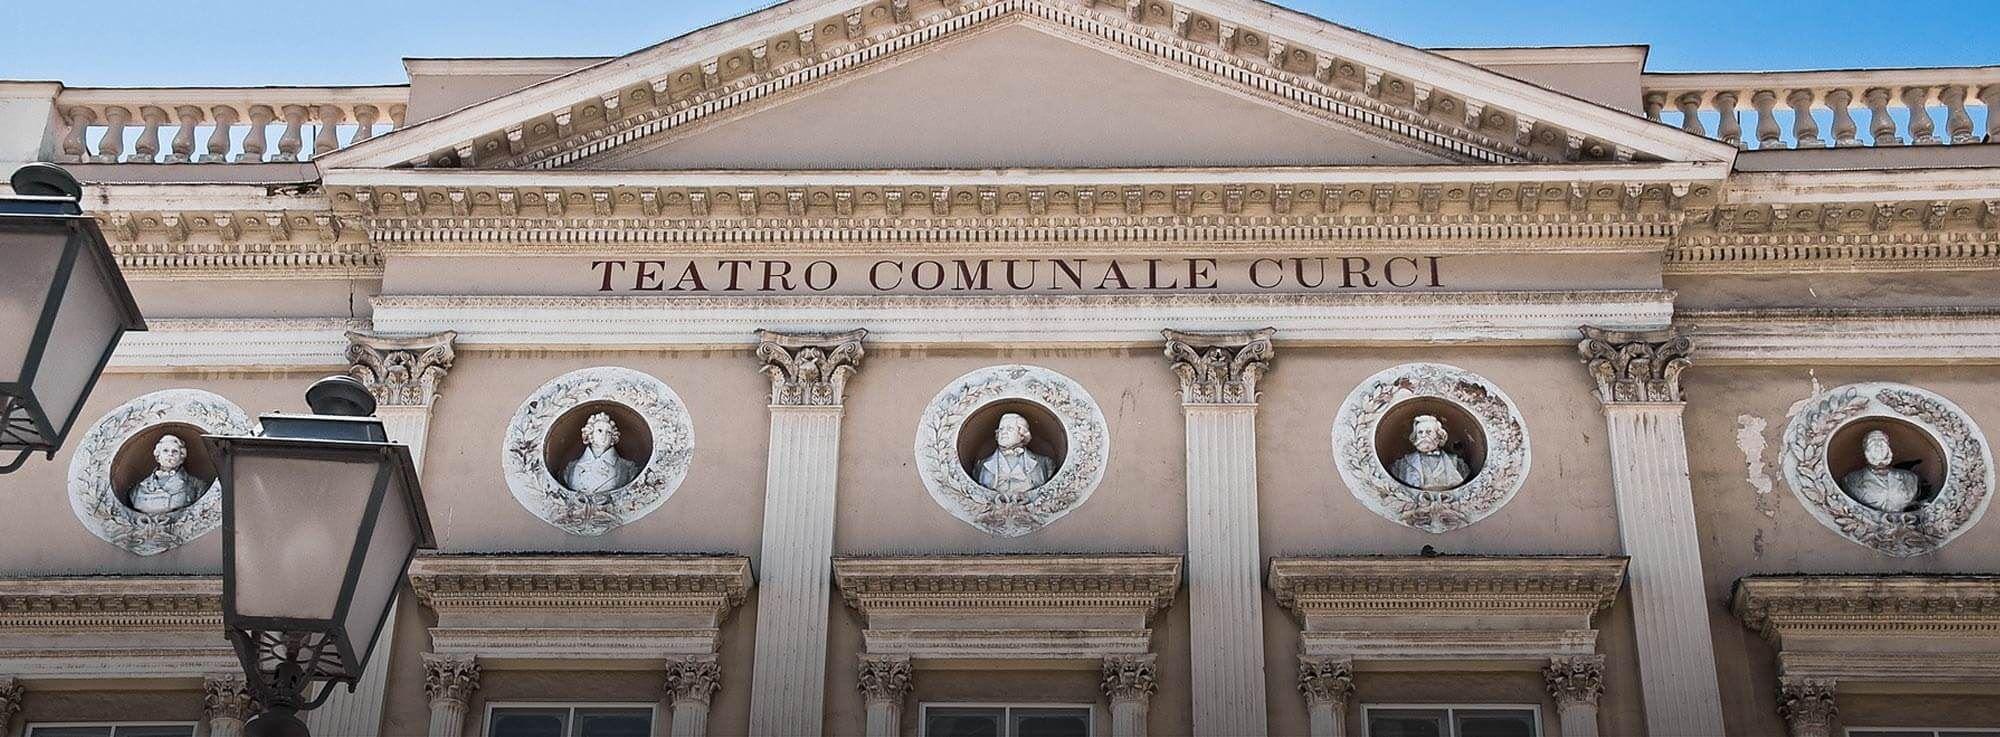 Barletta: Cavalleria Rusticana e Pagliacci